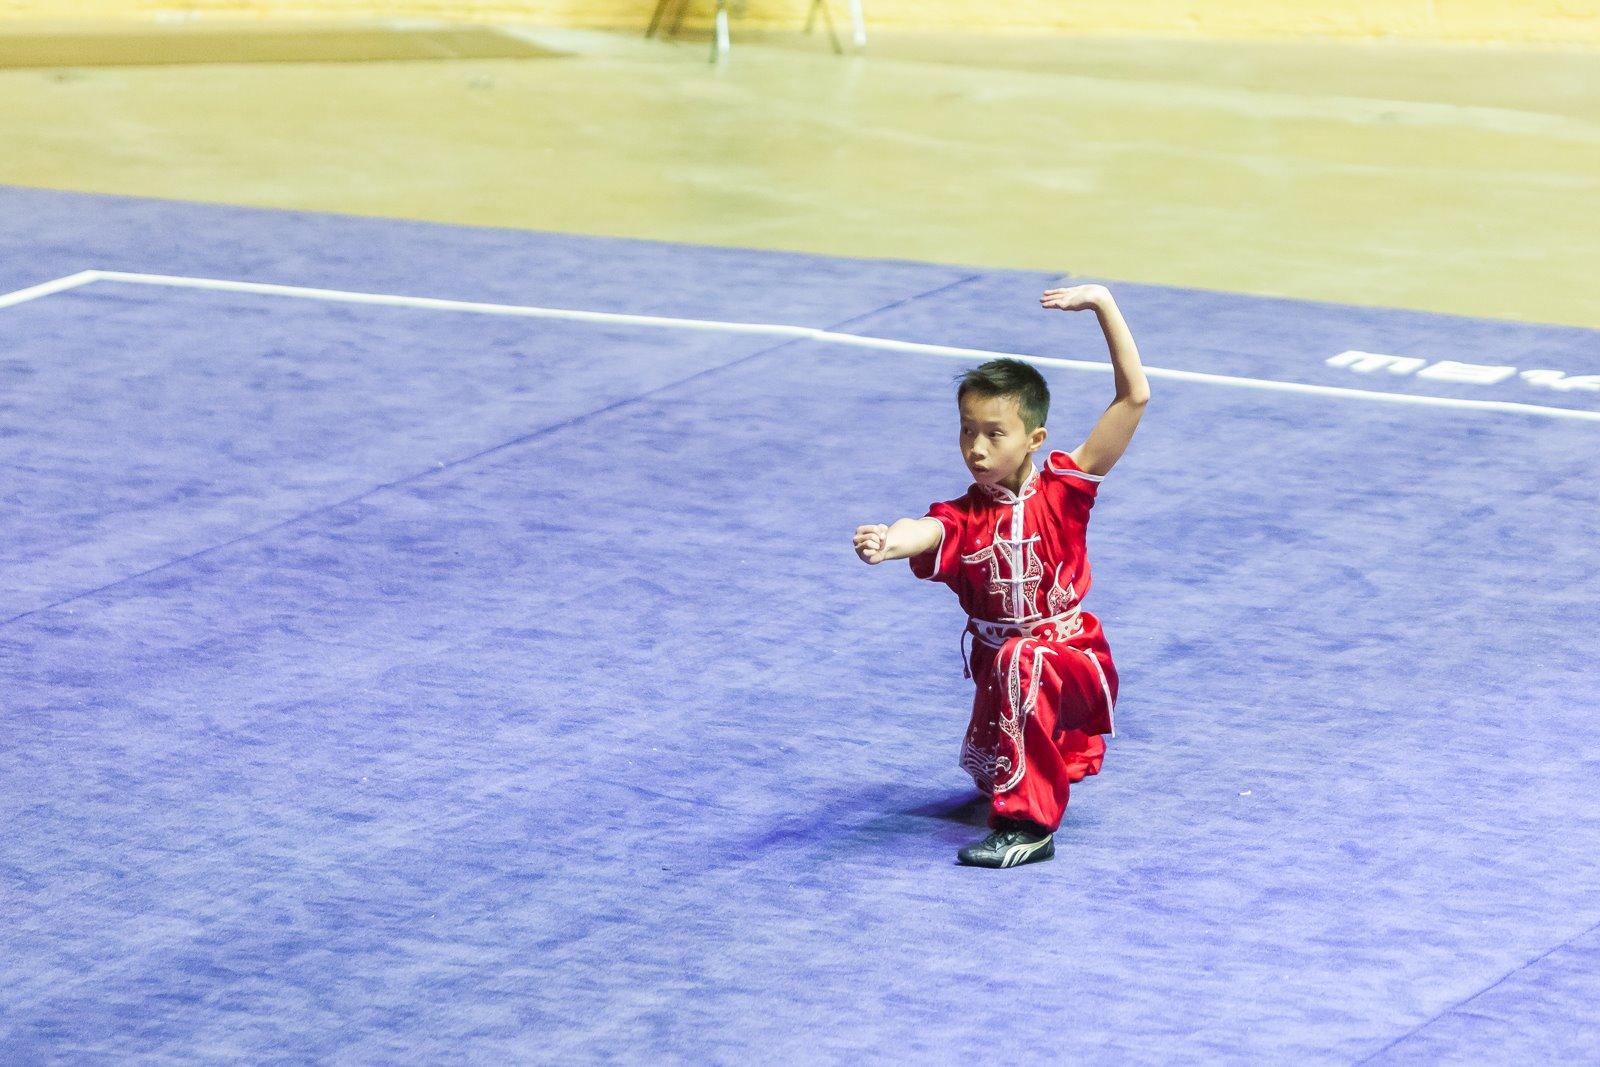 Caleb_Wayland_Li_Wushu_Changquan_Longfist_PanAm_Championships_2016.jpg